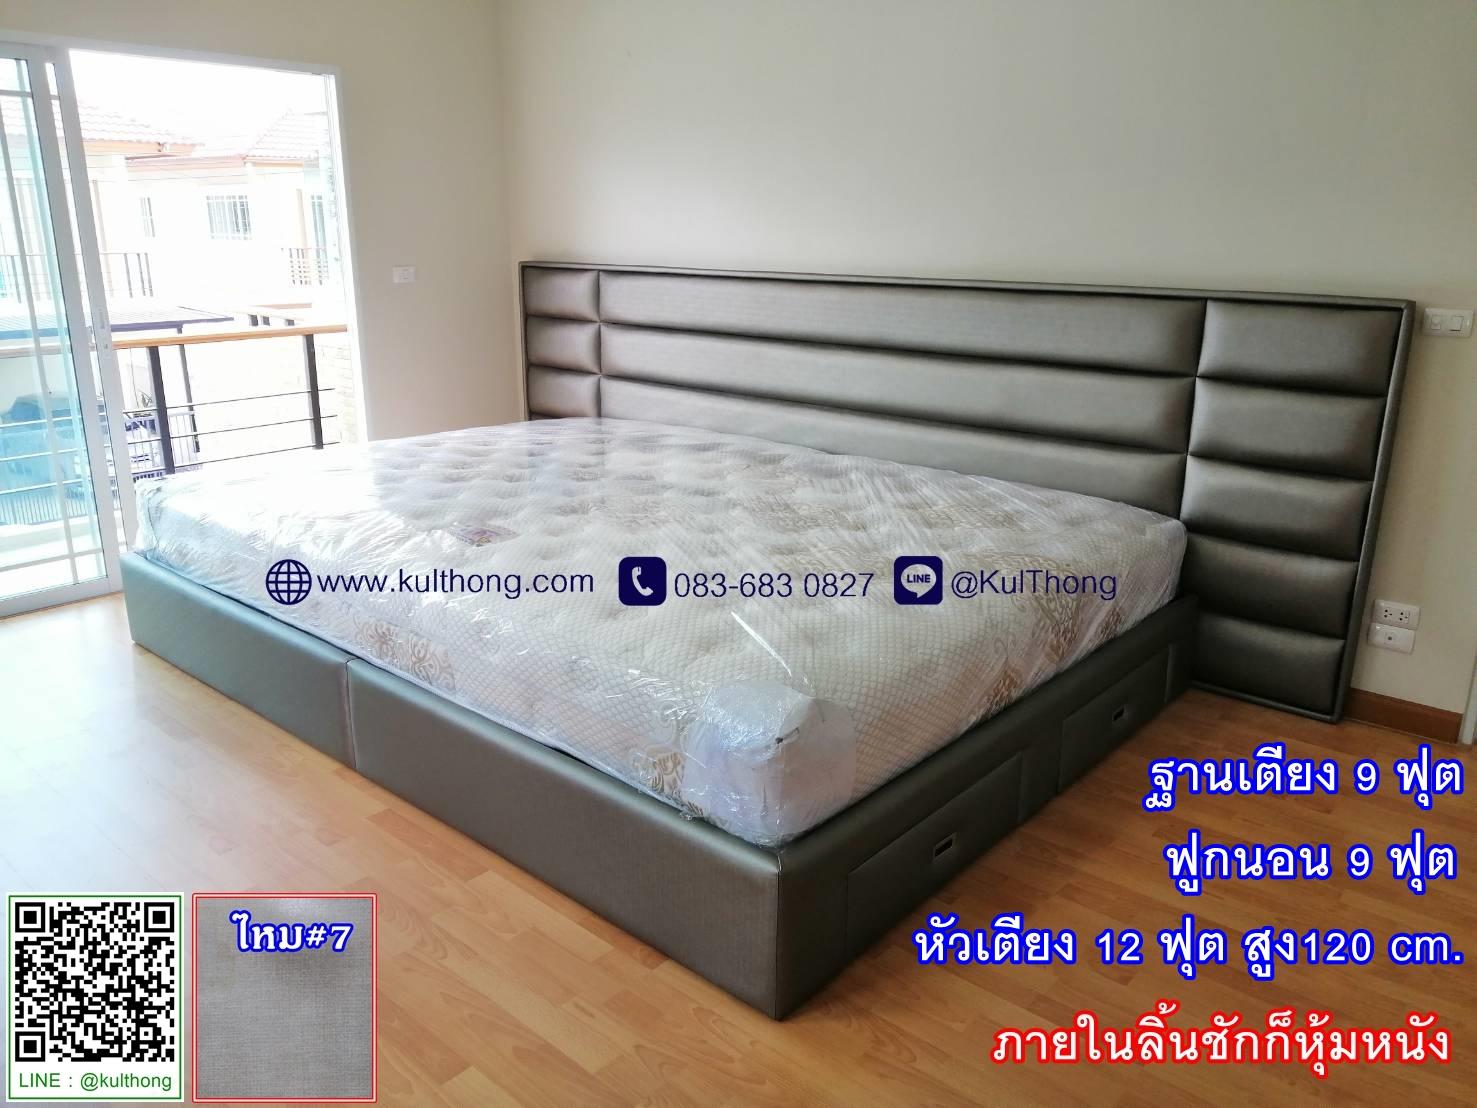 เตียงขนาดใหญ่ หัวเตียงแขวนผนัง เตียงหุ้มหนัง